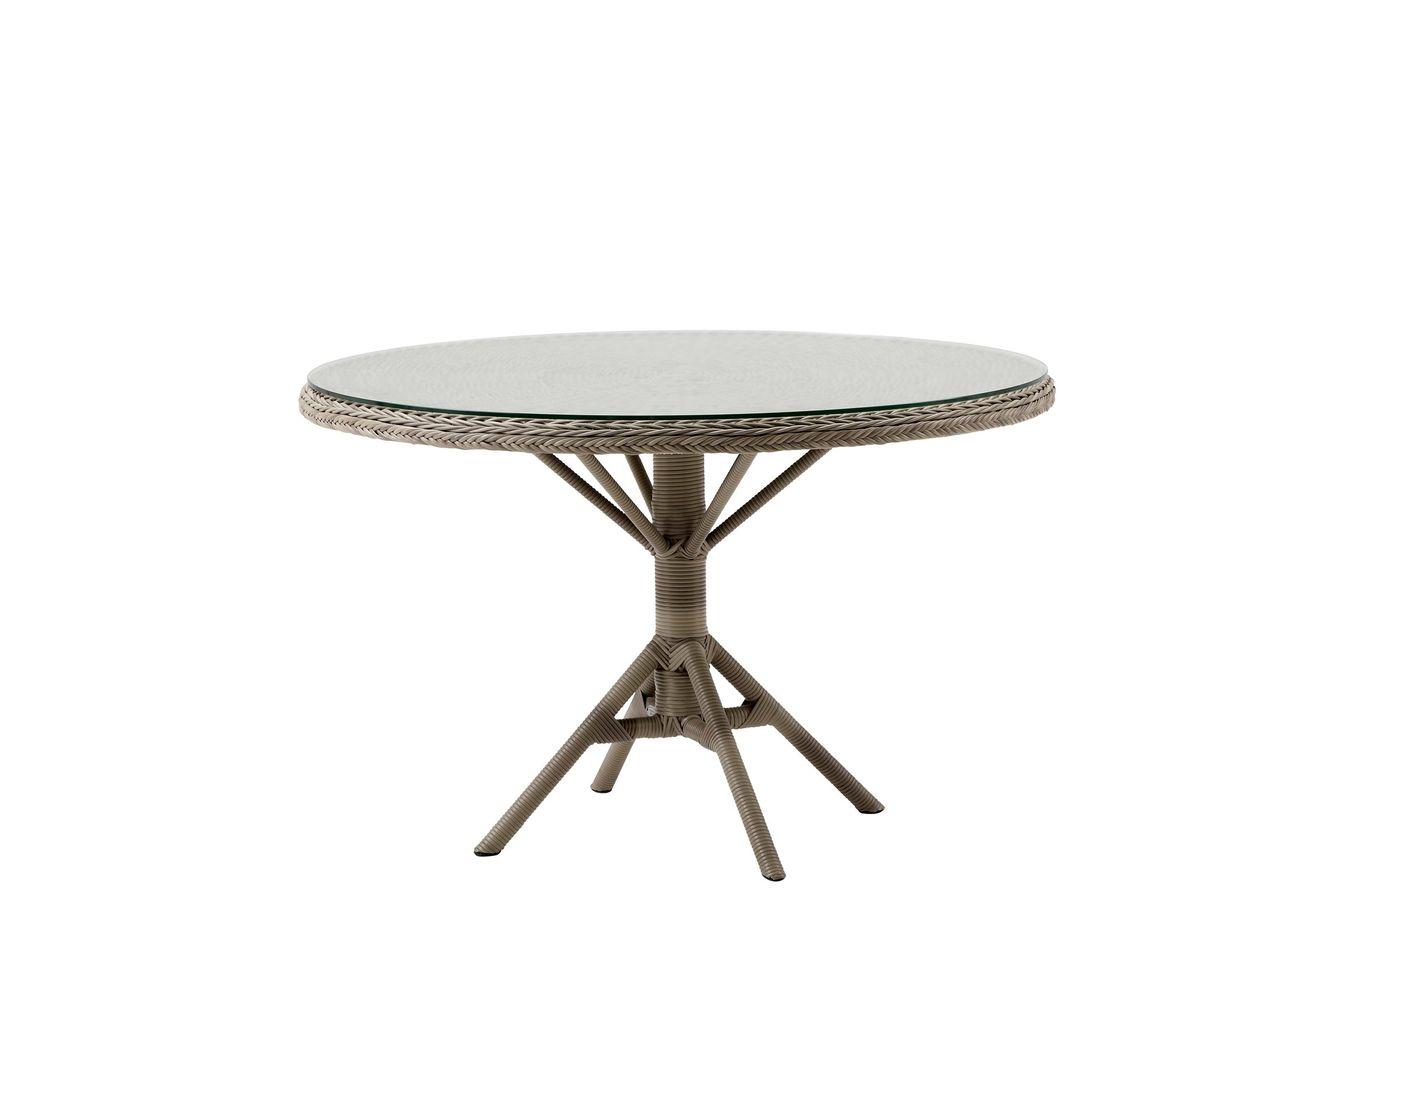 Sika design gartentisch grace rund 120 cm varianten in zubeh r - Gartentisch rund 120 ...